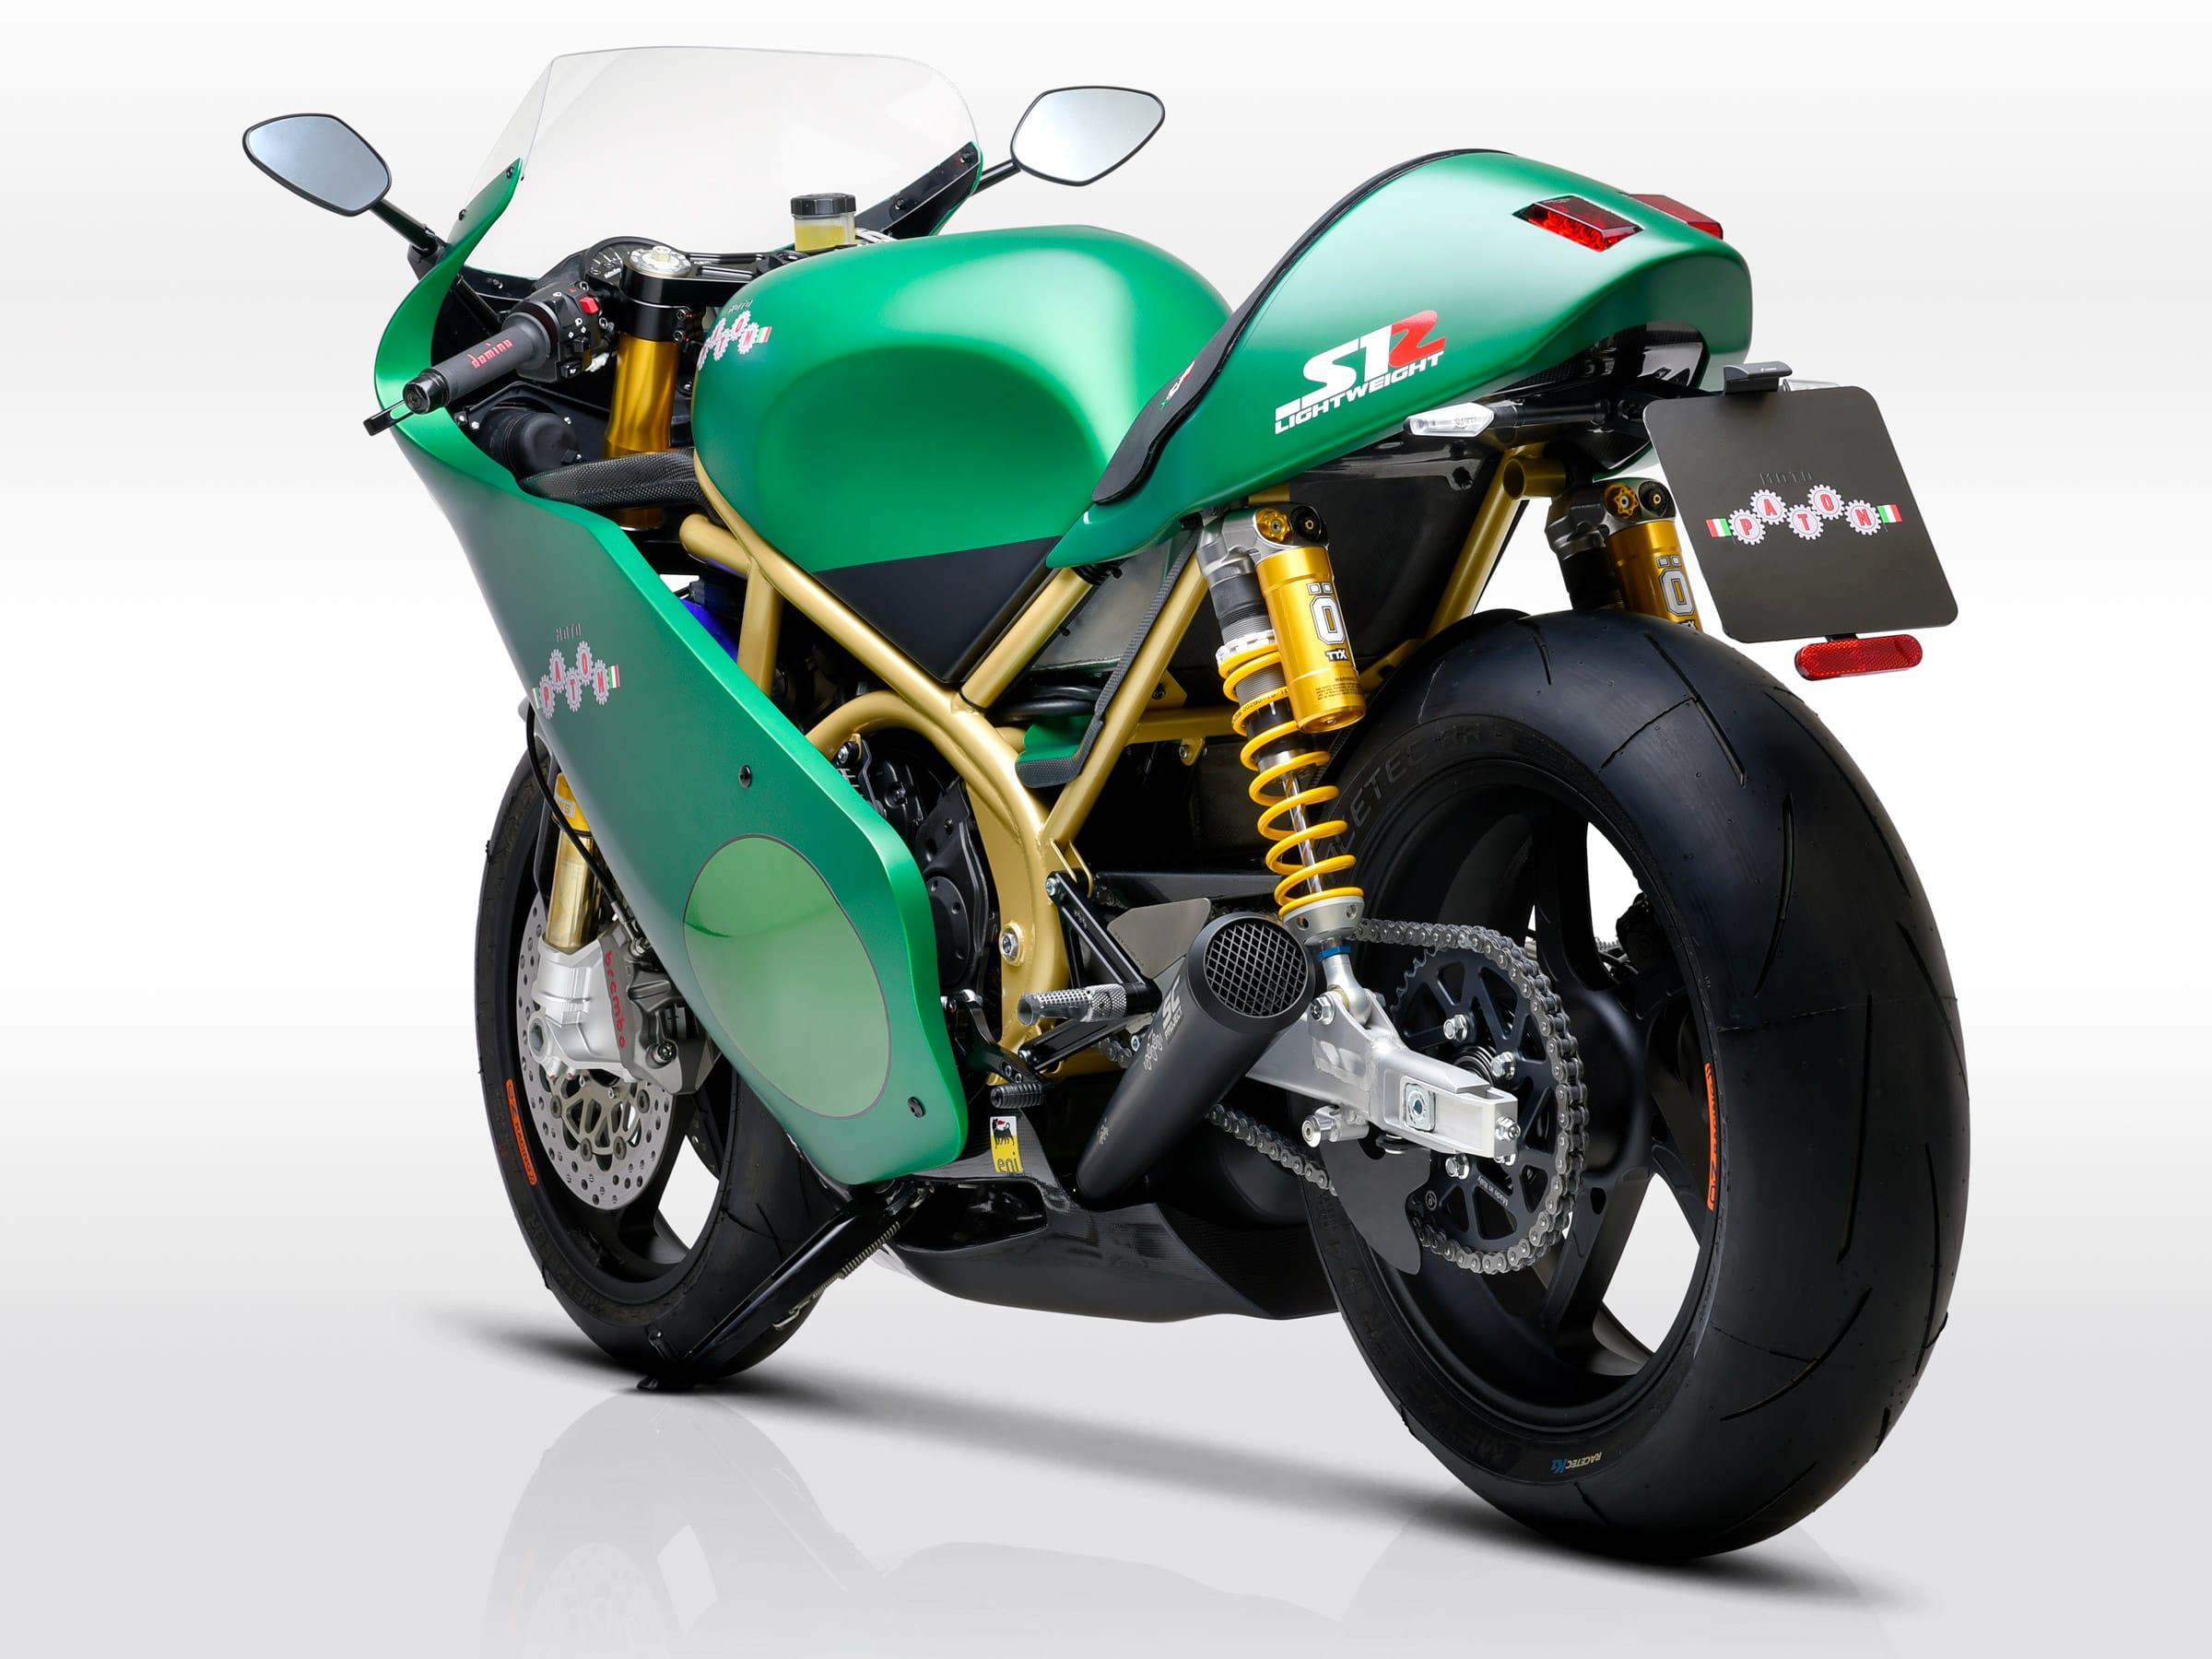 Paton_S1R-Lightweight_Stradale-Omologata_Posteriore-SX-min